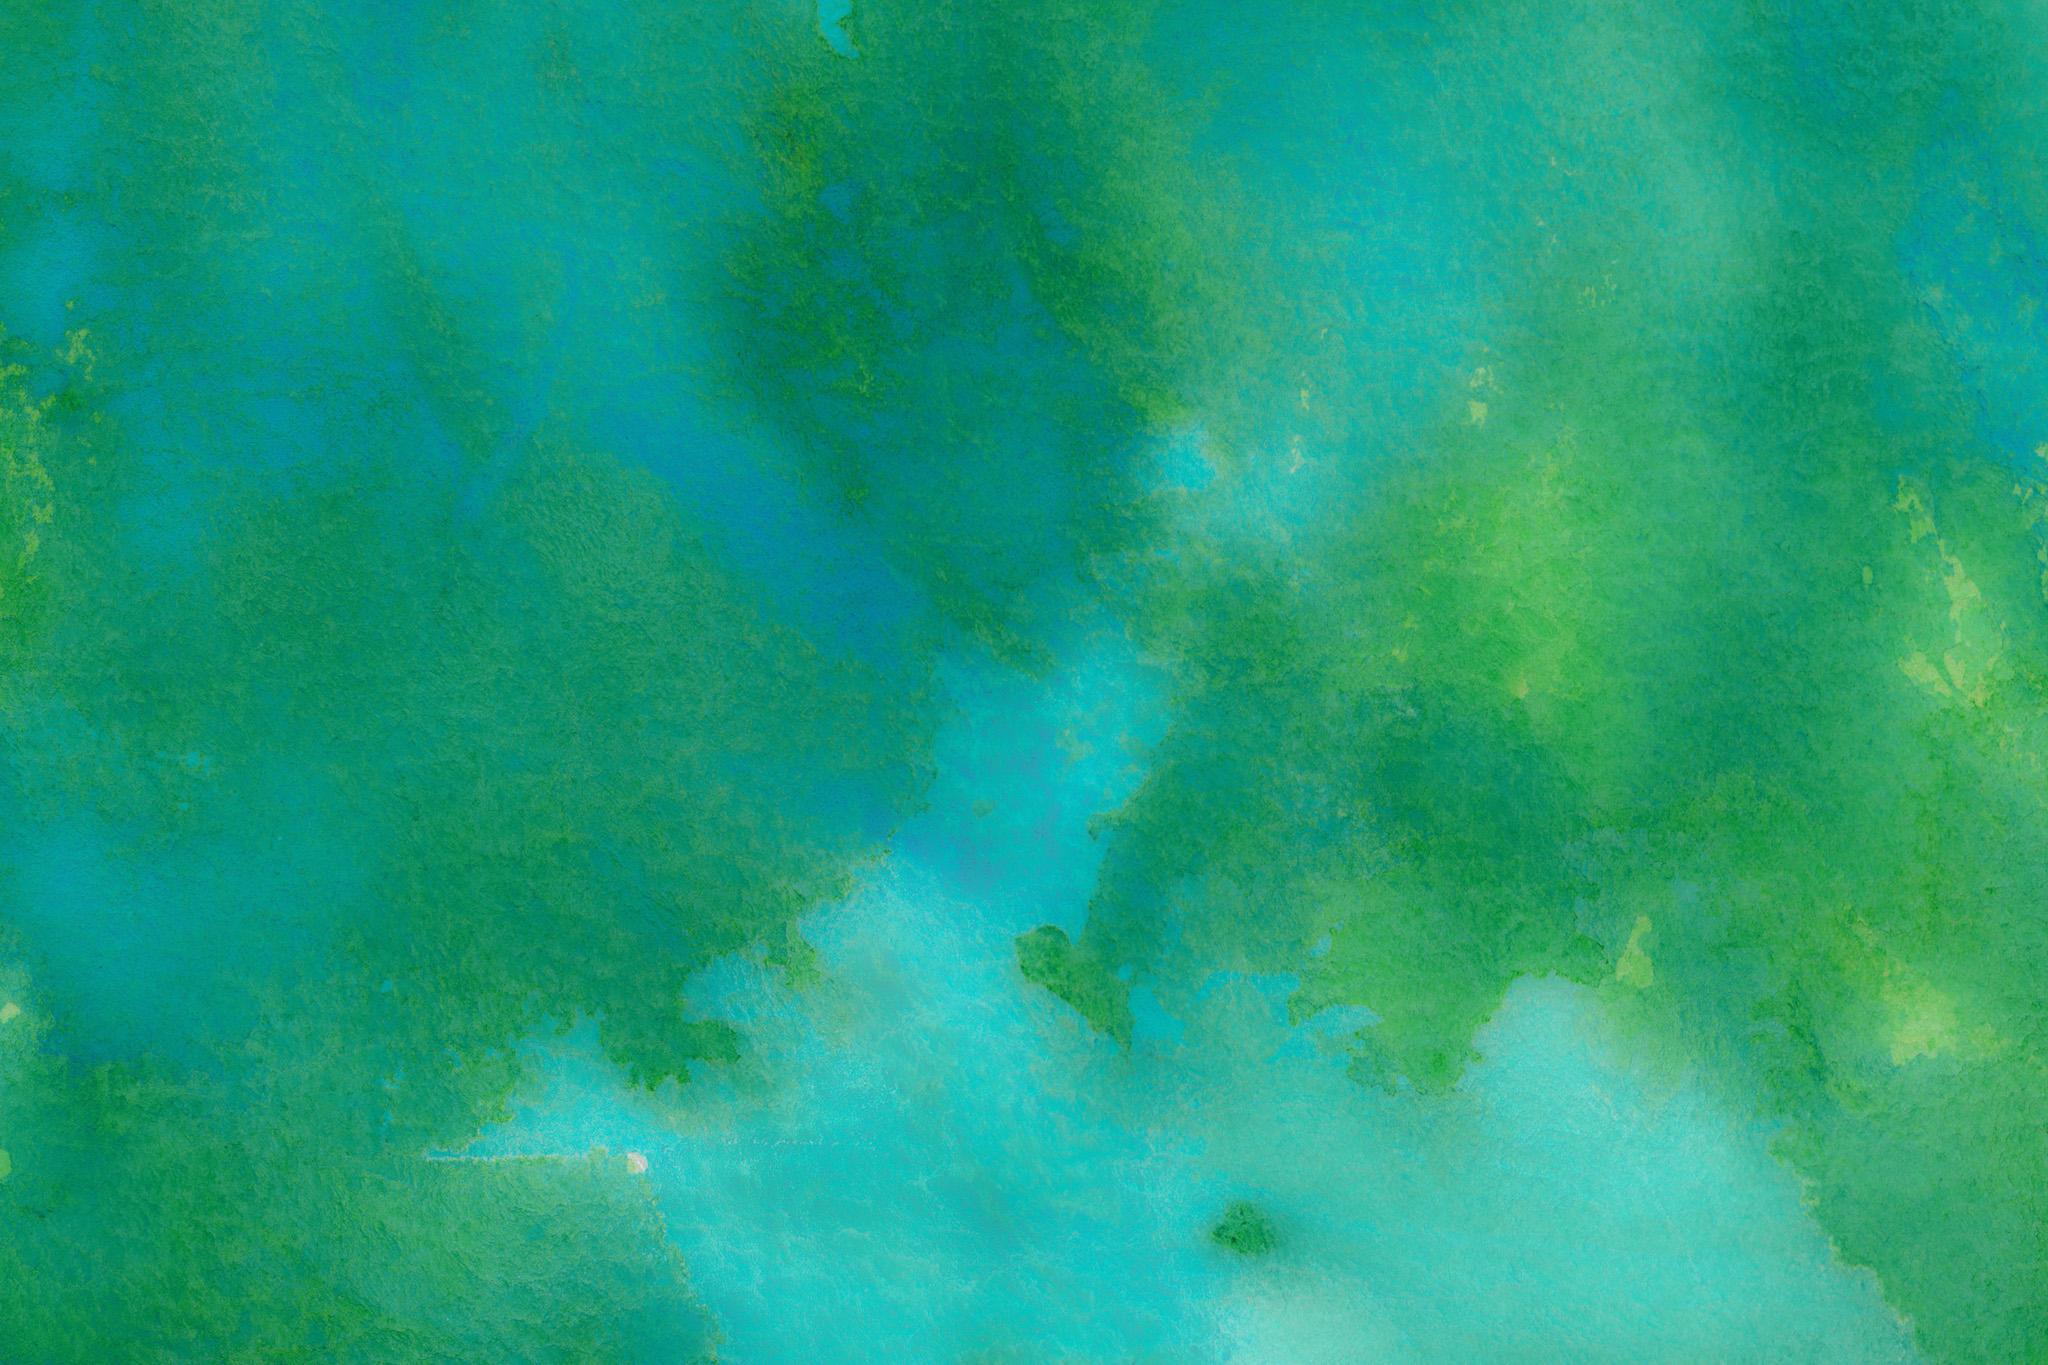 「エメラルドグリーンの水彩にじみ」